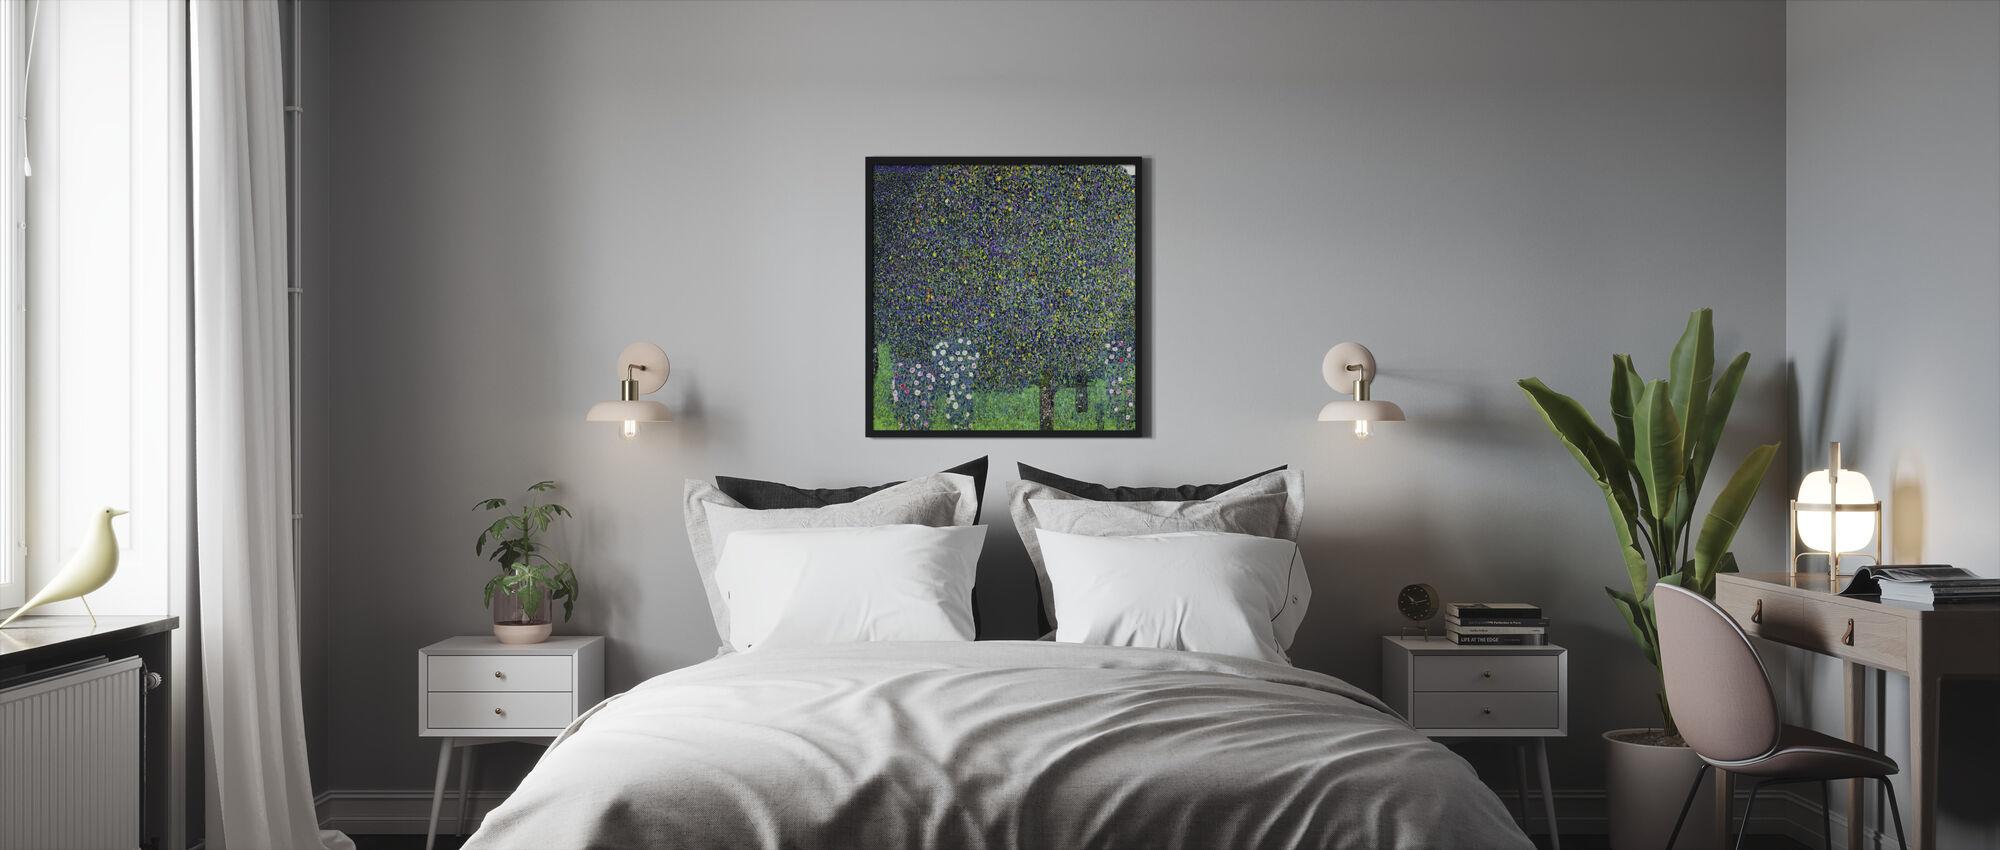 Bro ved Maincy, Gustav Klimt - Indrammet billede - Soveværelse